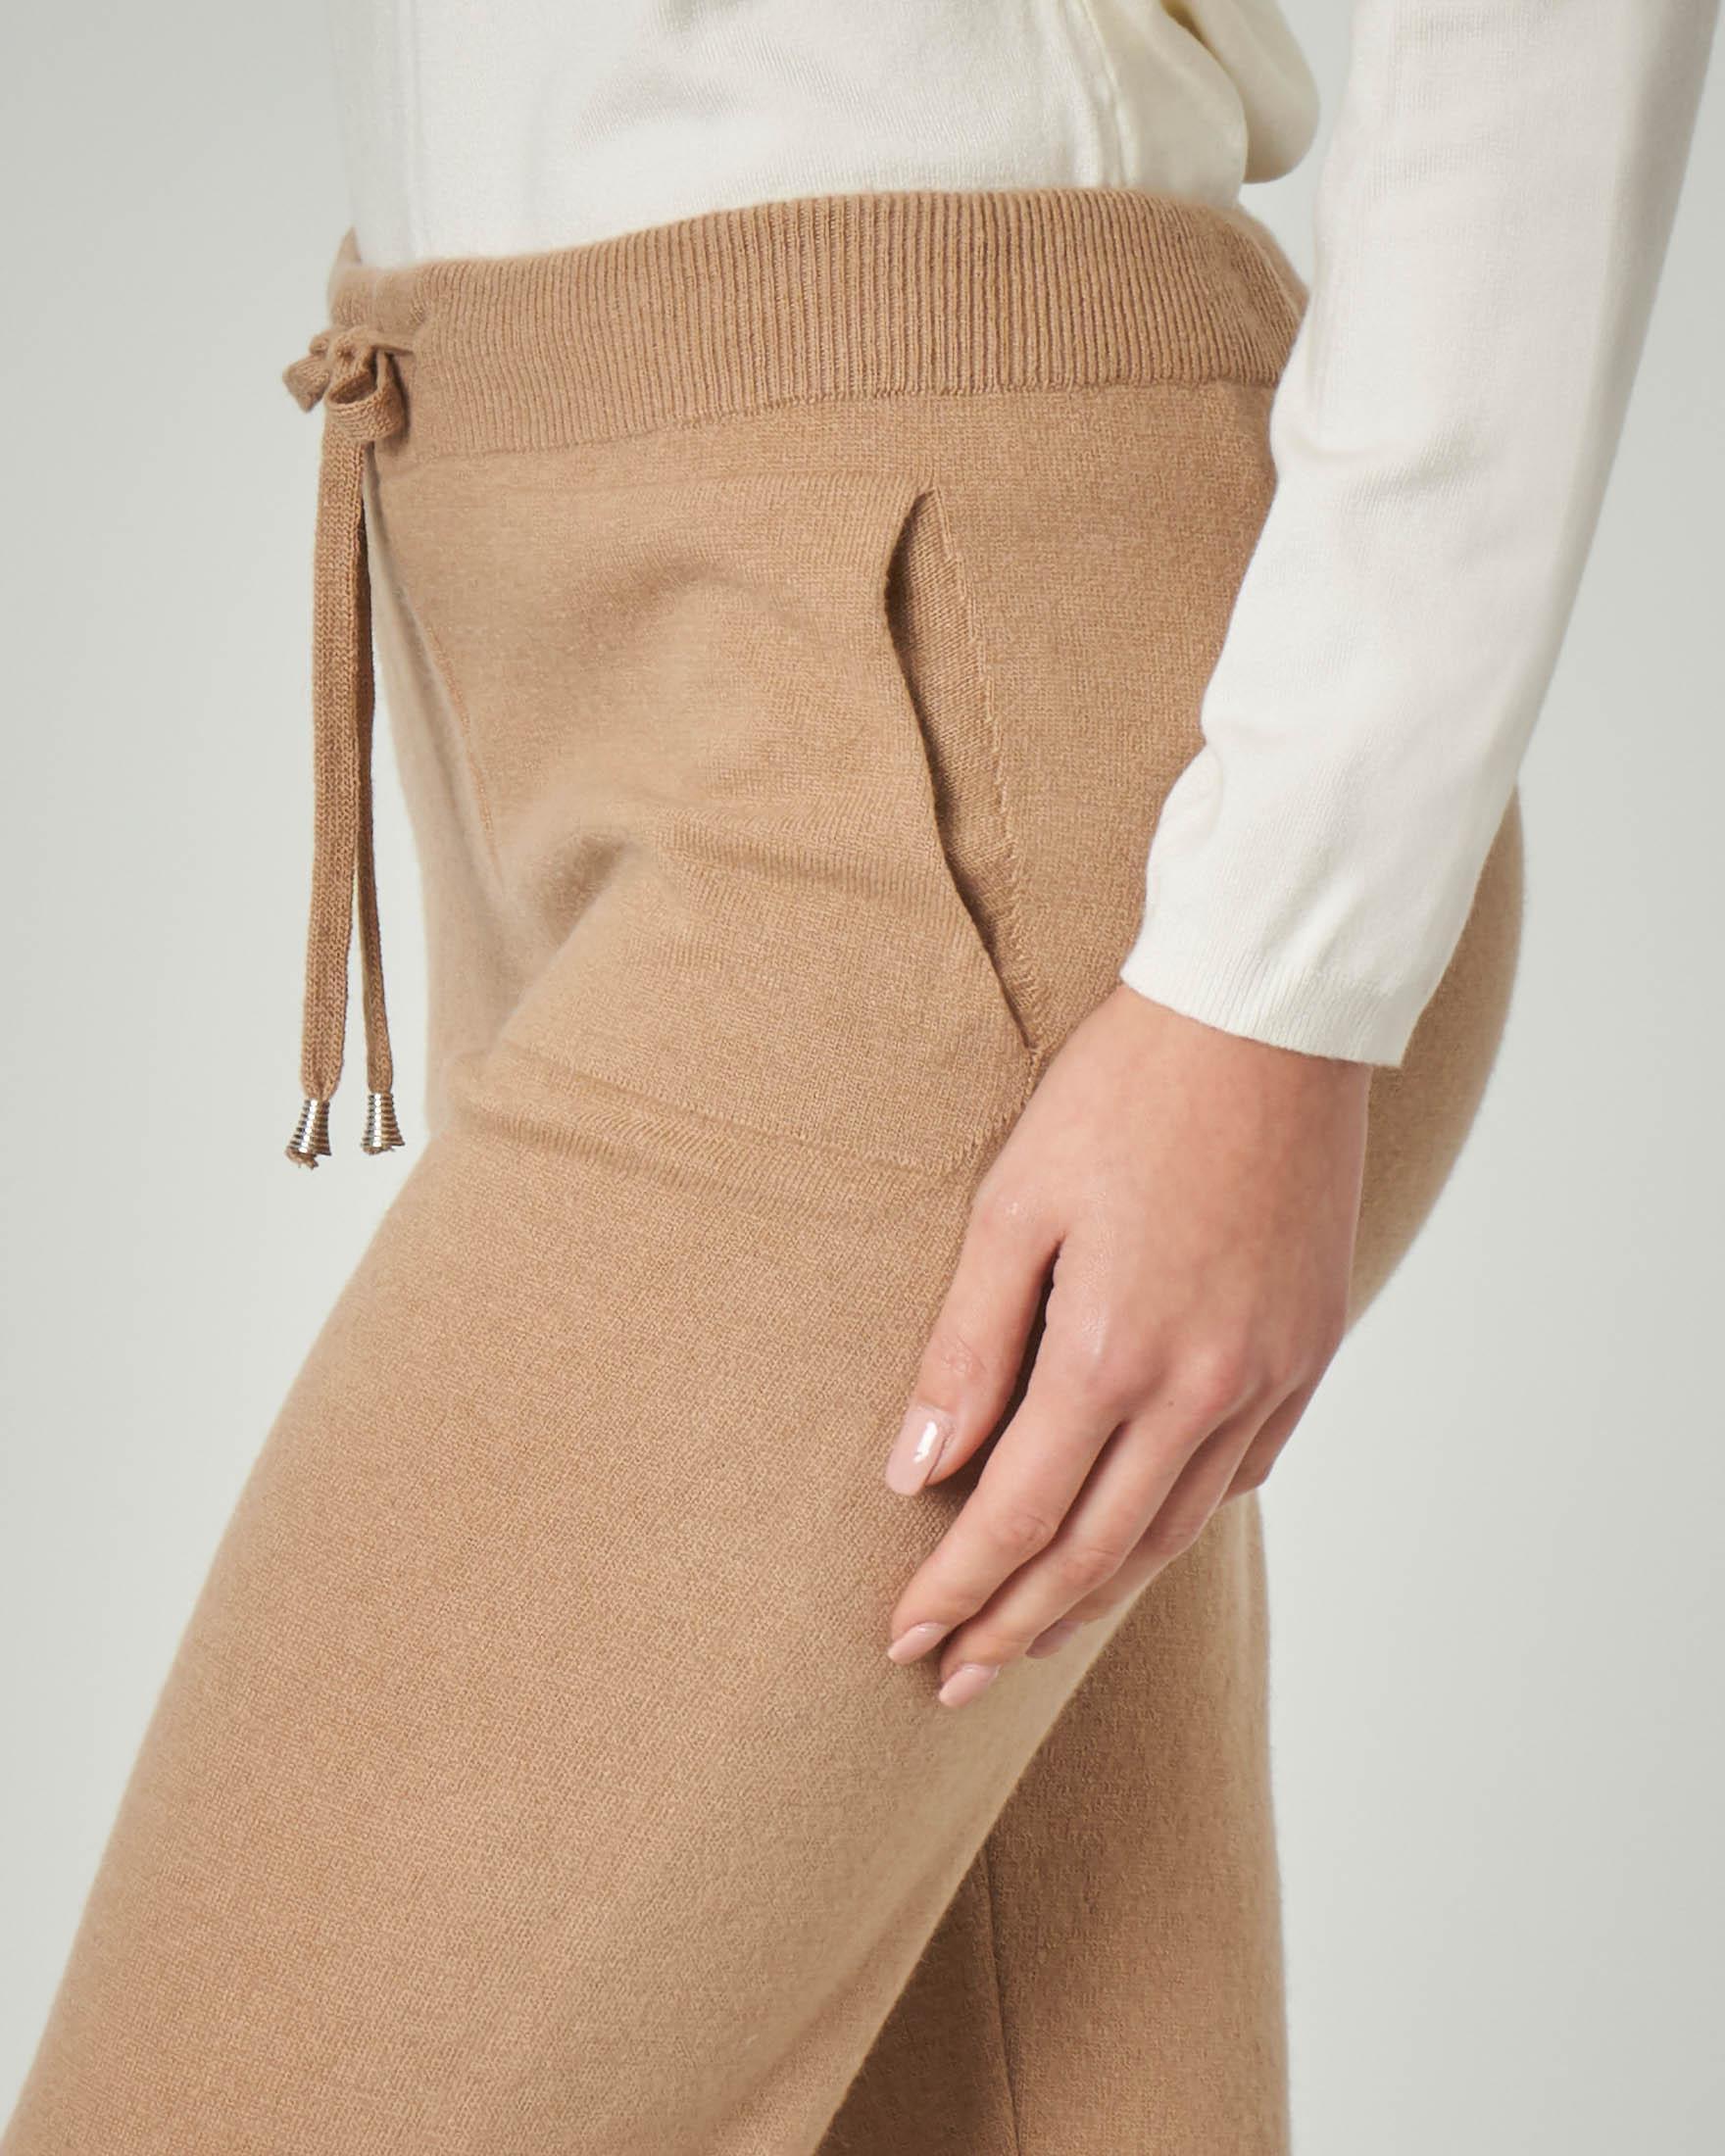 Joggers color cammello in lana misto viscosa fascia elastica alta in vita